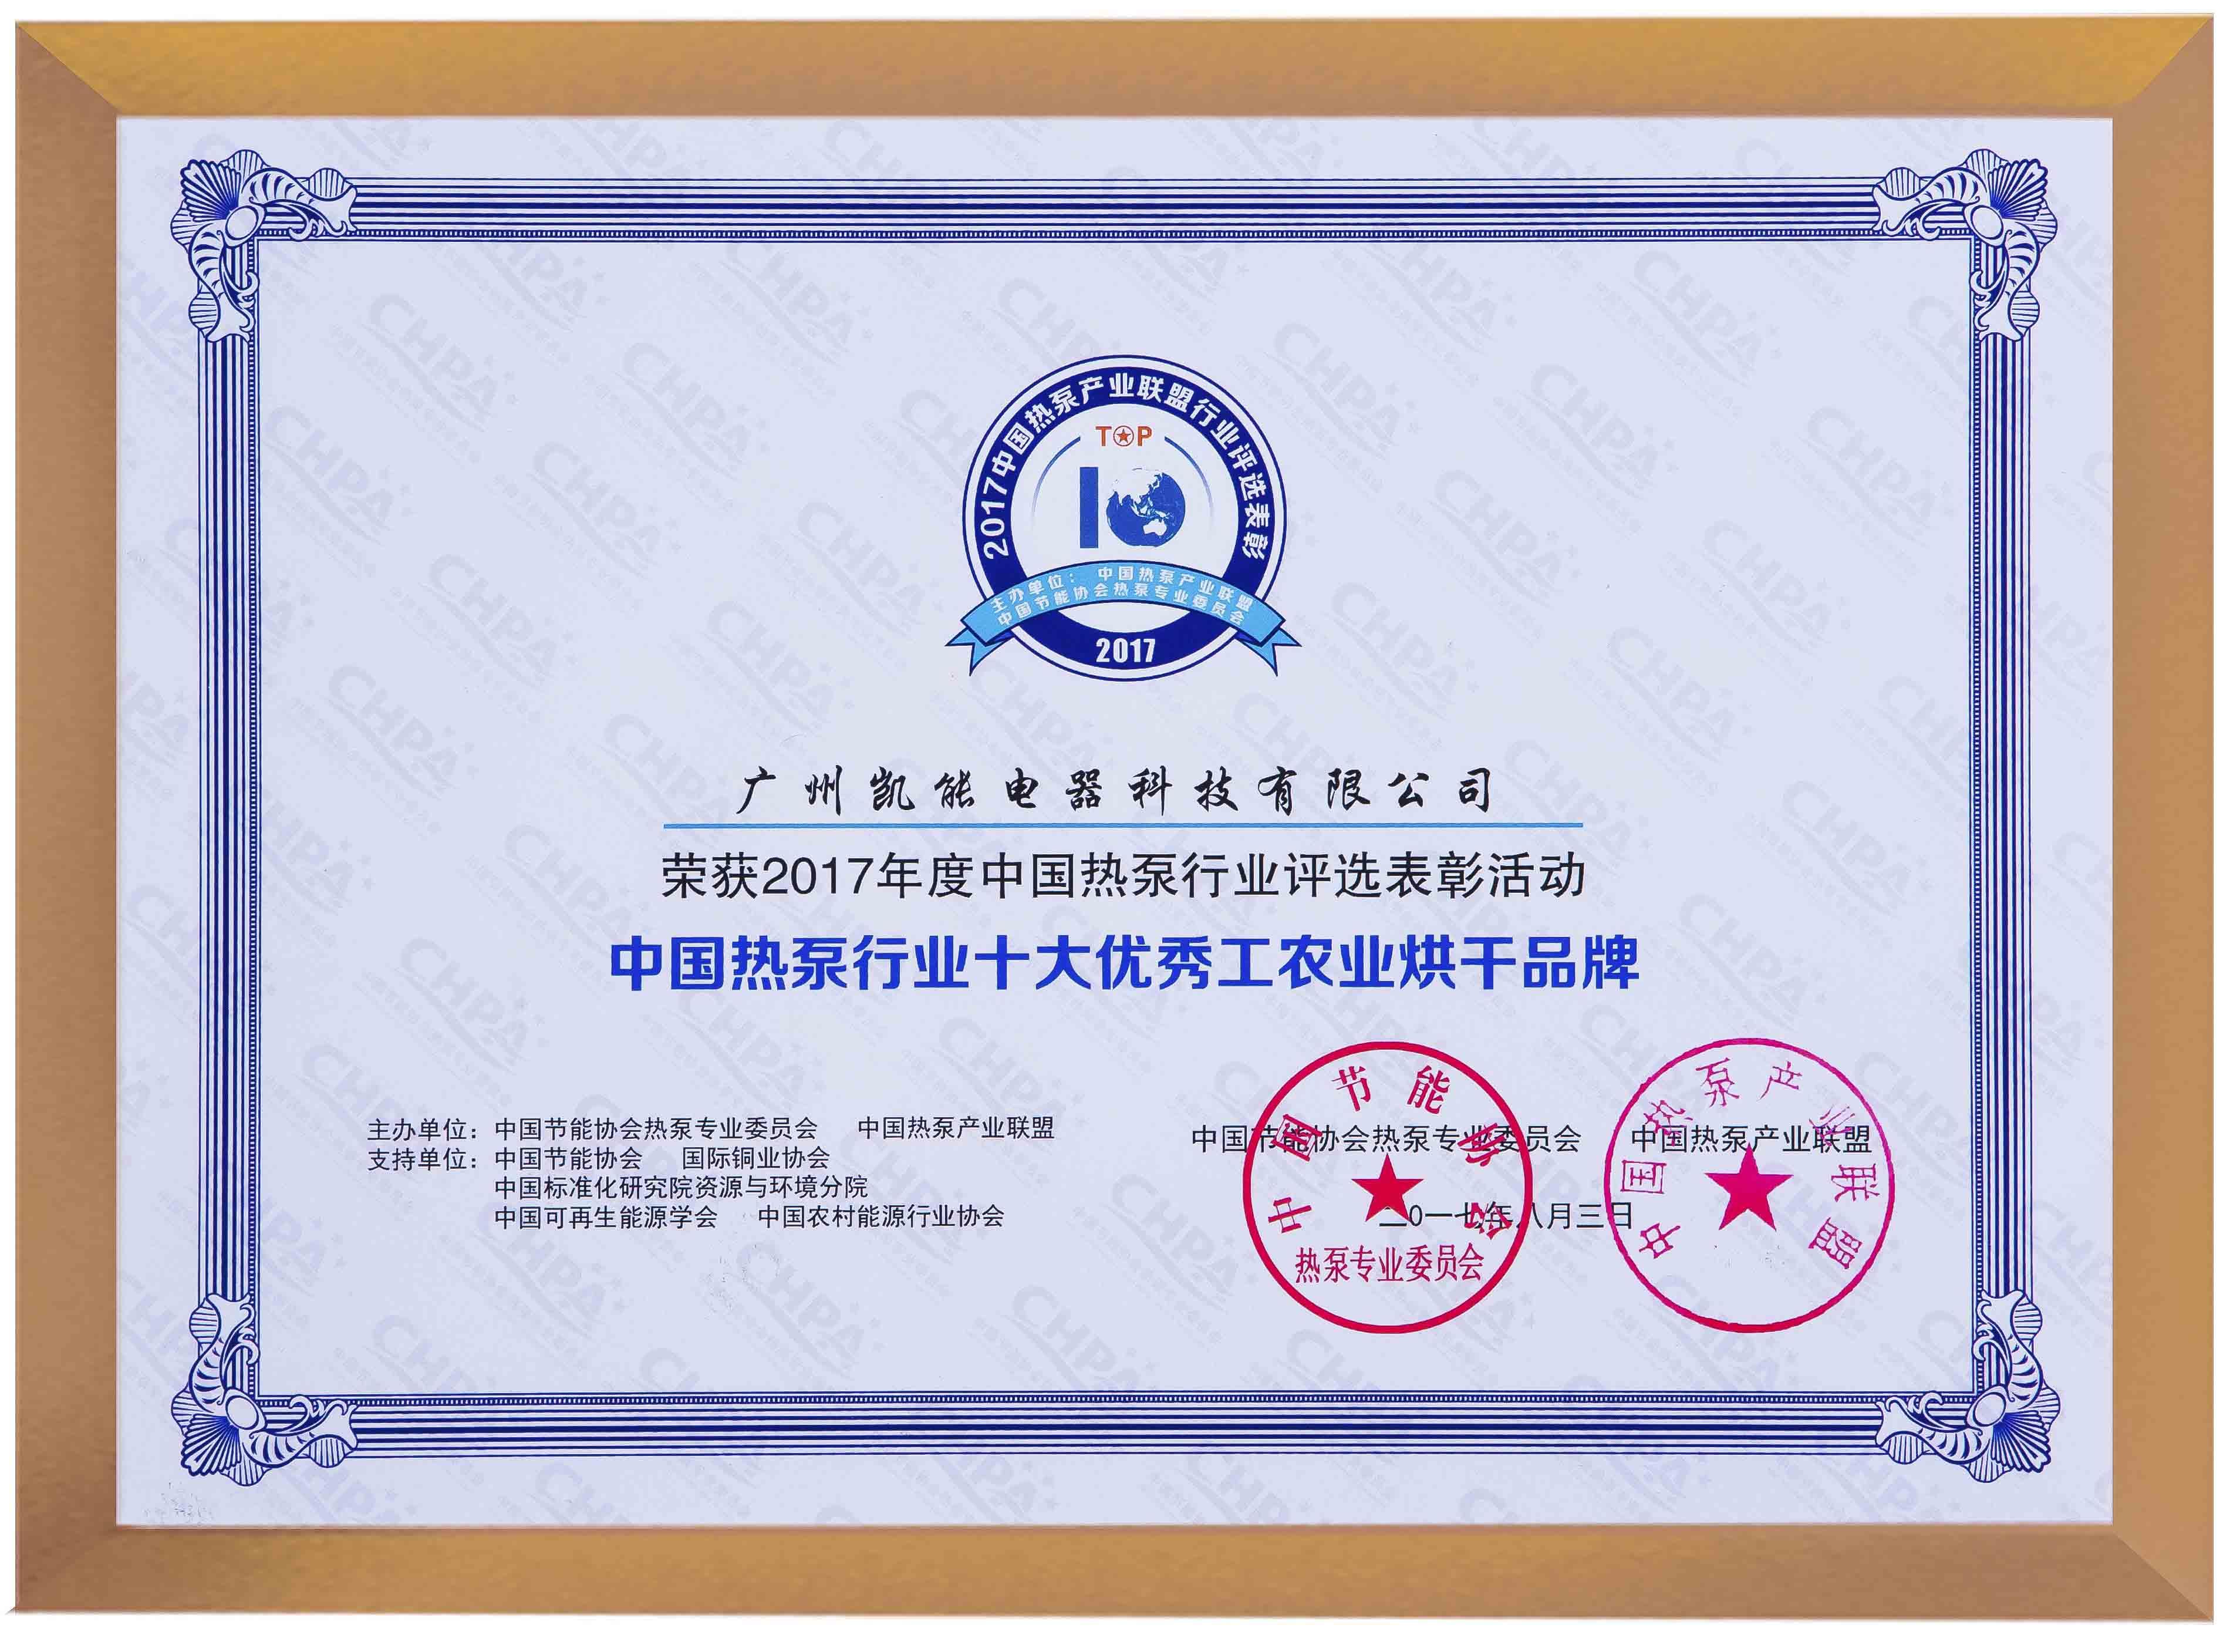 2017中國熱泵行業十大優秀工農業烘干品牌